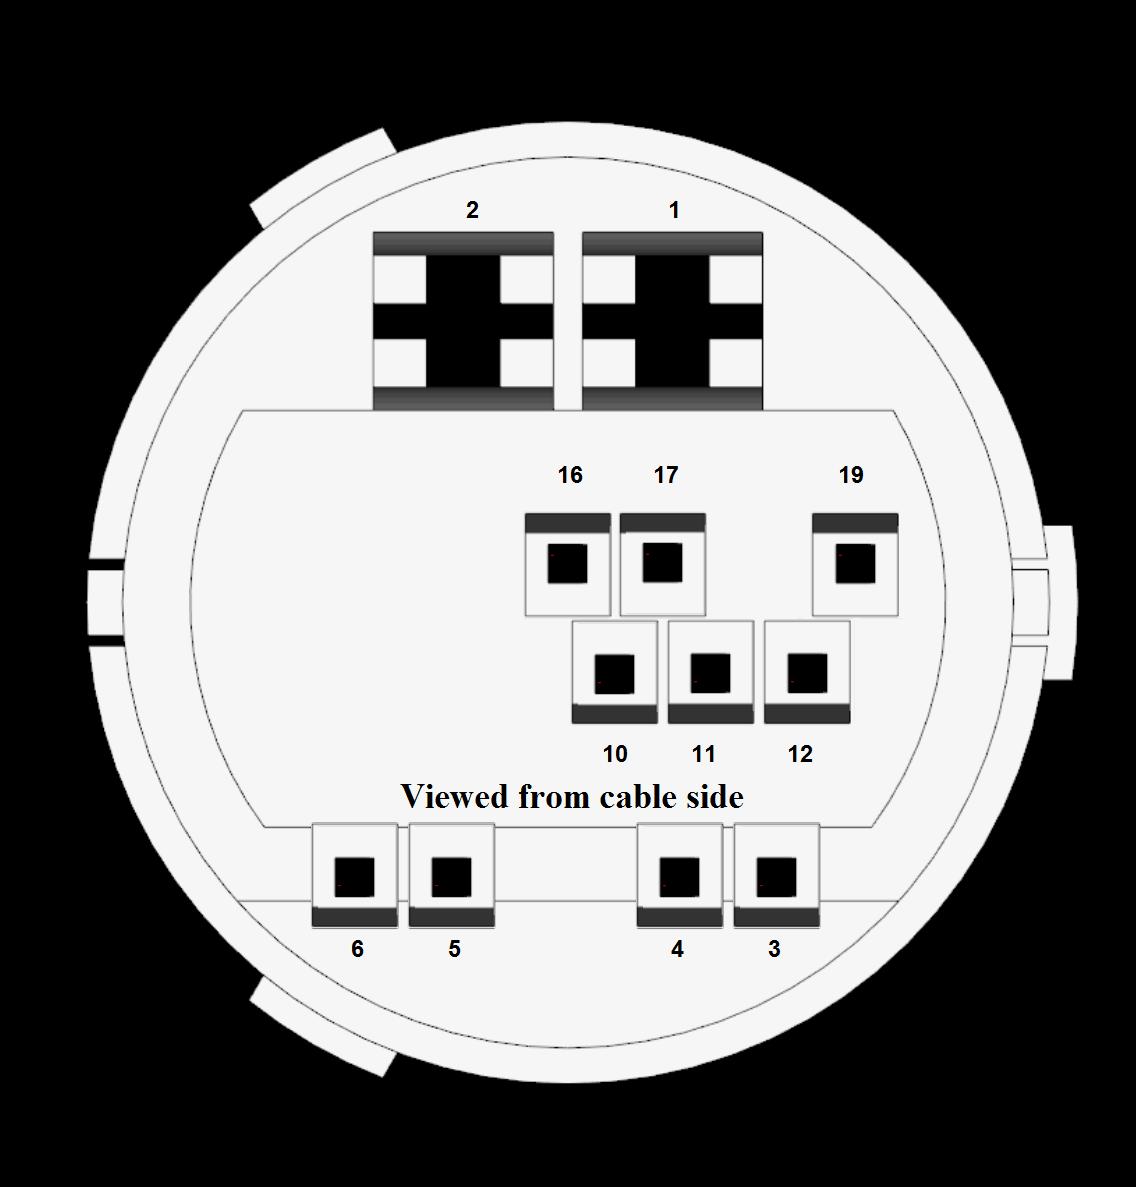 Wiring Diagram Zafira Central Locking : Opis wtyczki tylnych drzwi zafira a dti rok